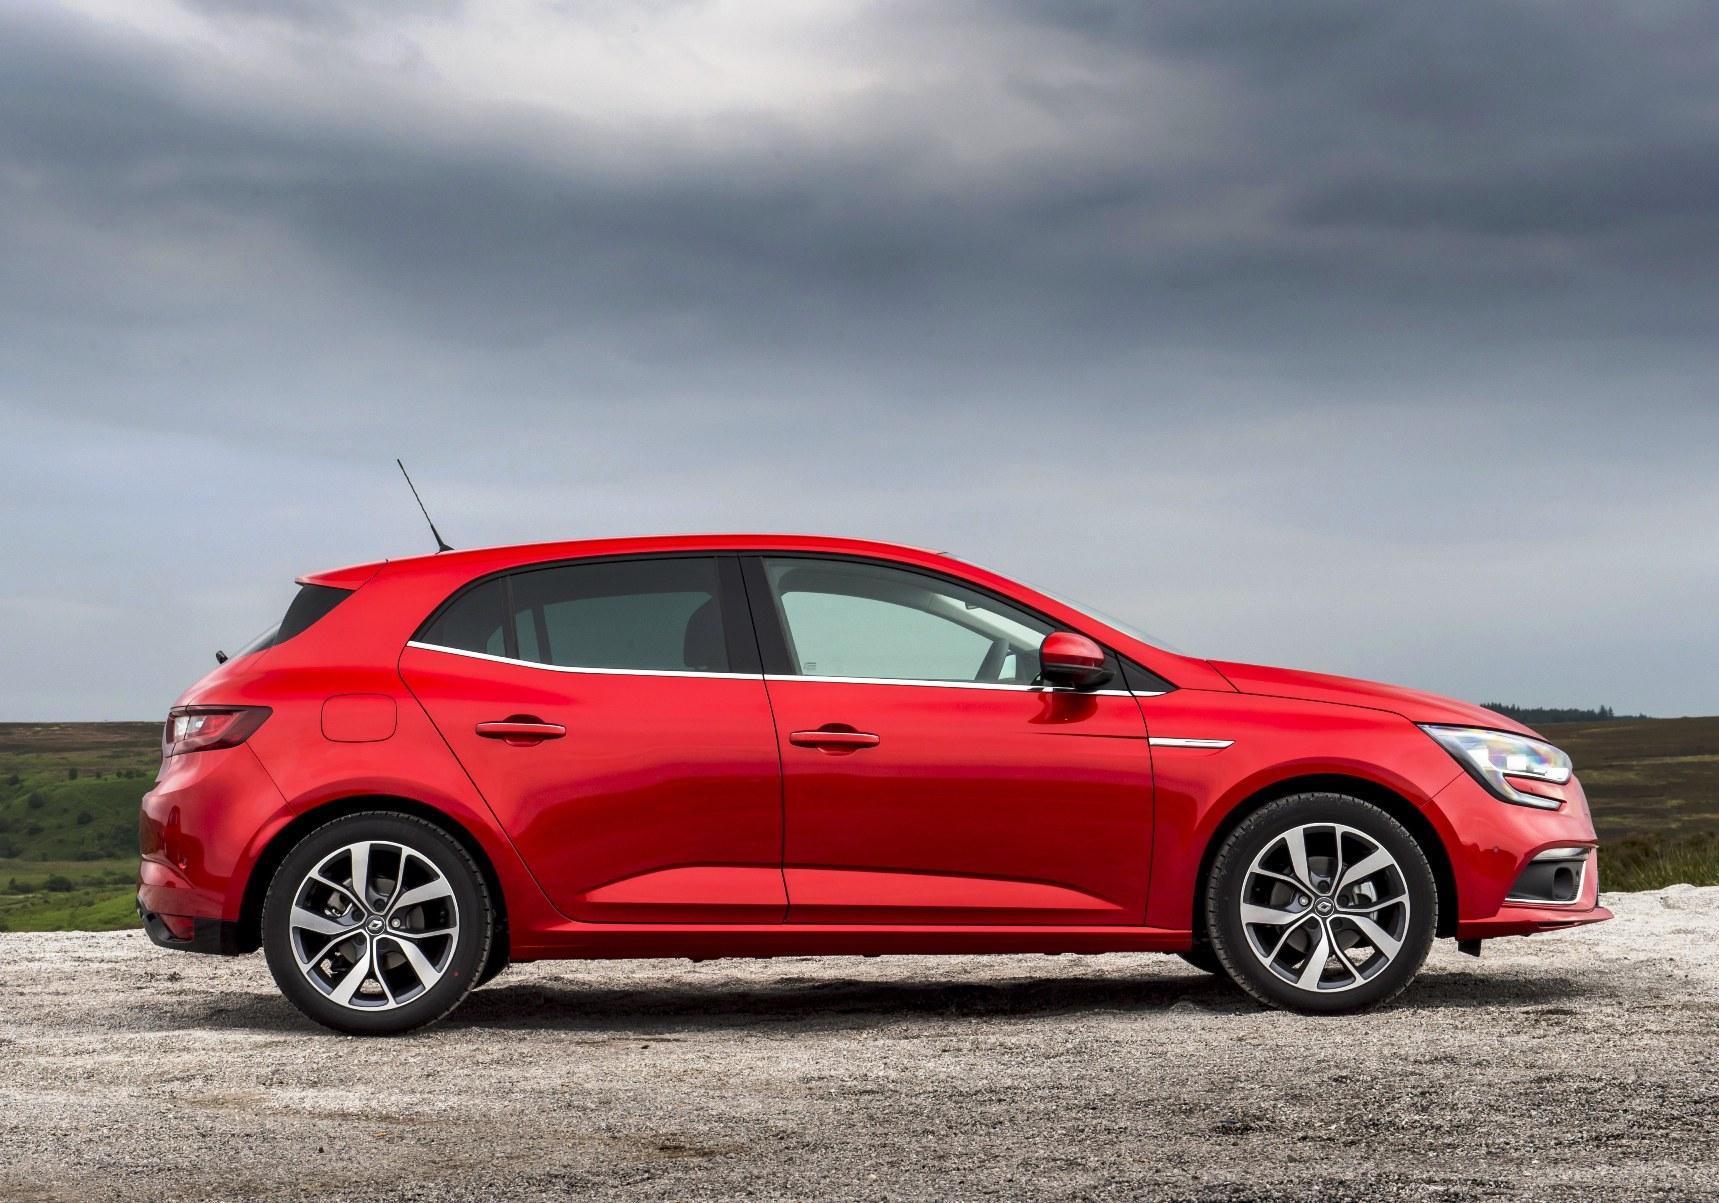 new-renault-megane-hatchback-side-view